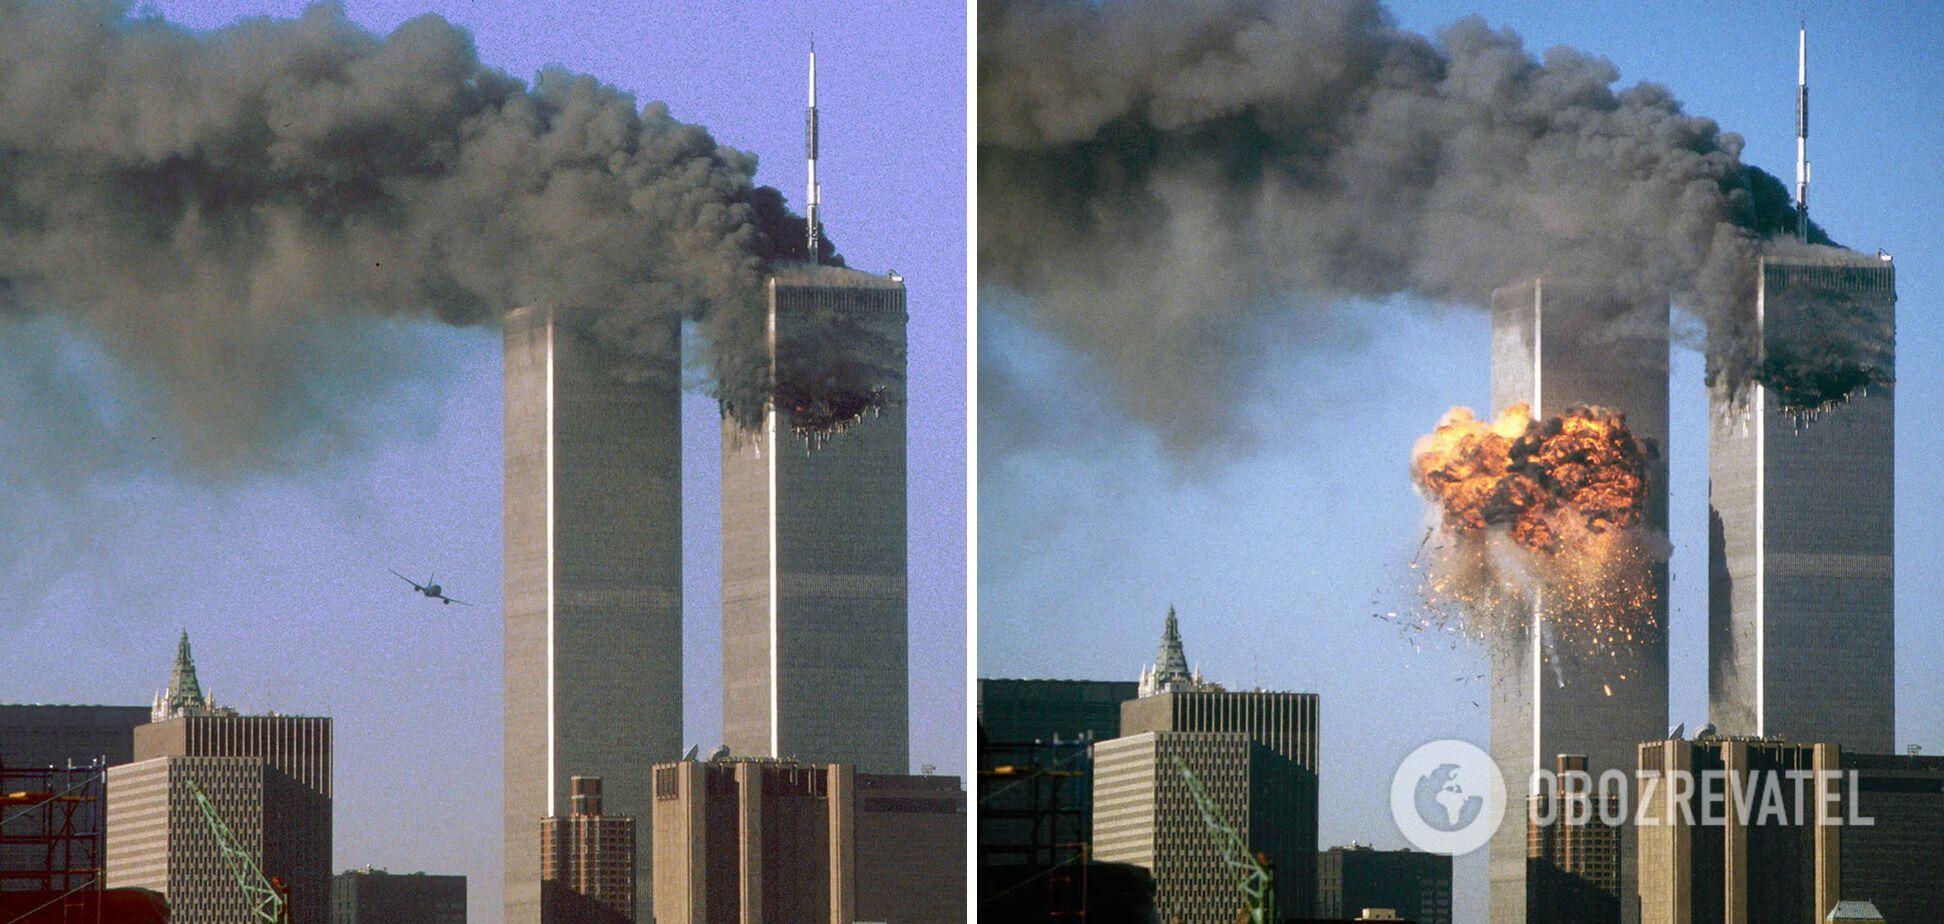 Два самолета направили на самые высокие на тот момент здания в Нью-Йорке